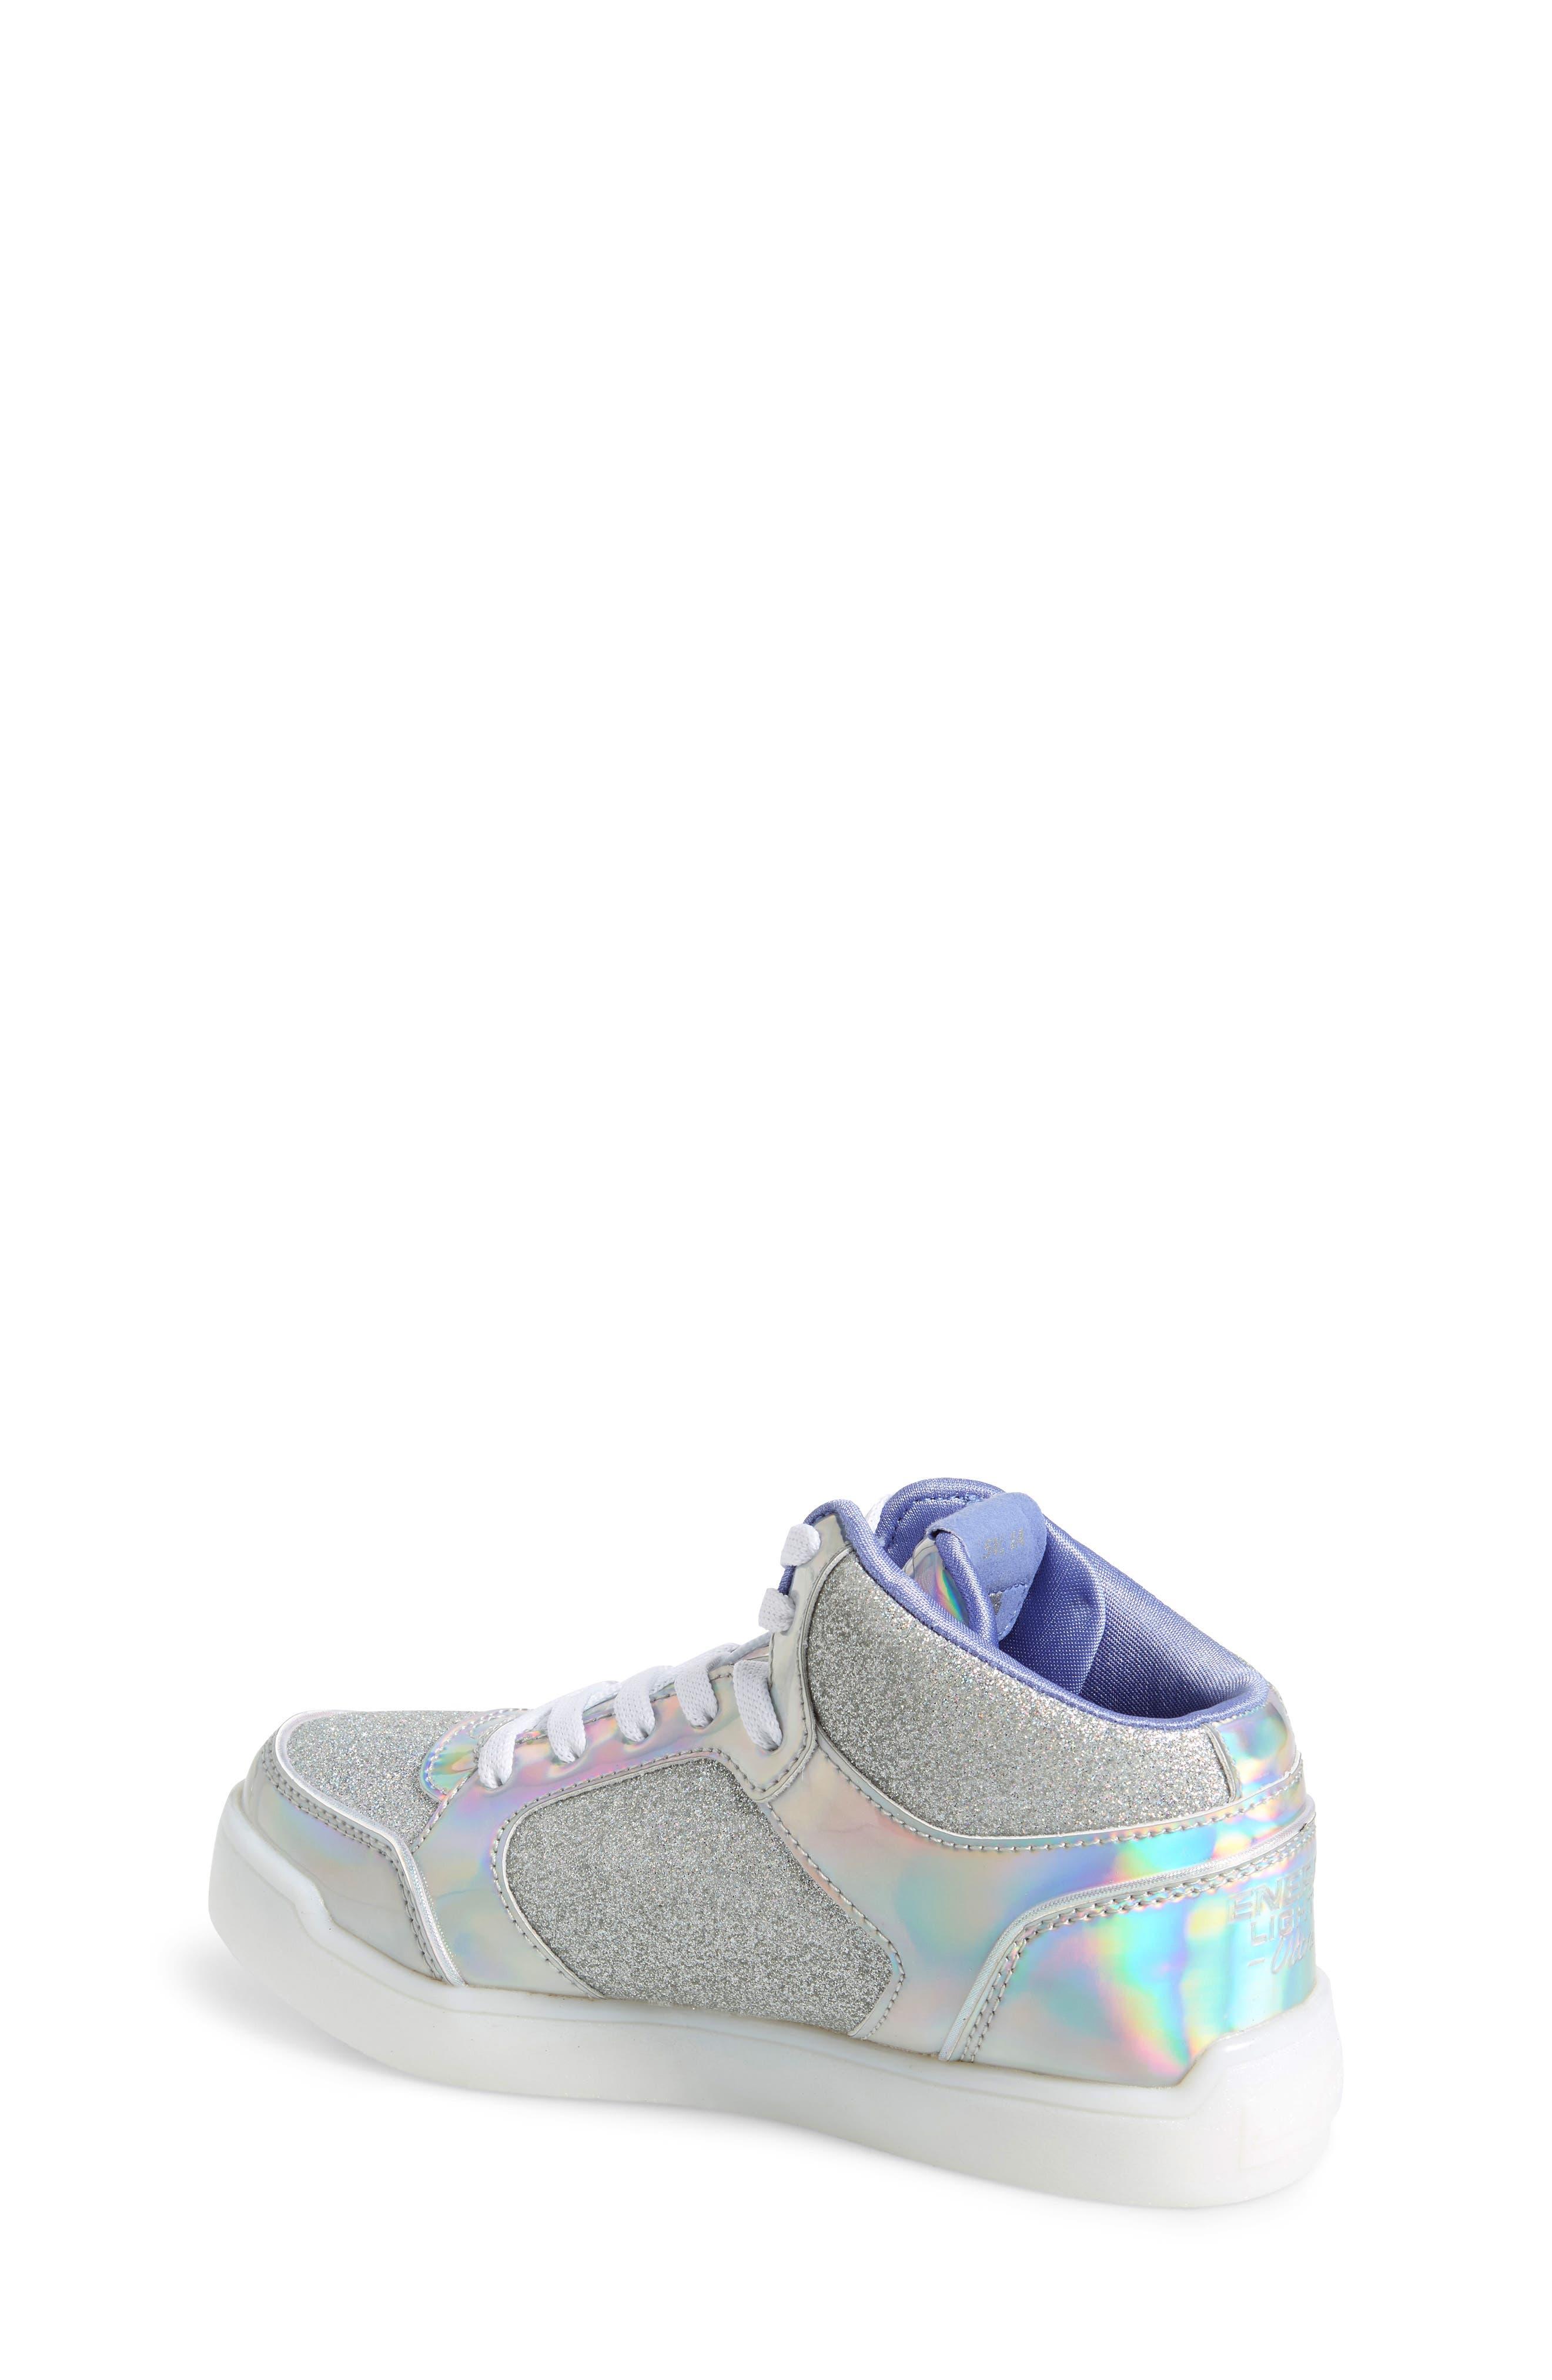 SKECHERS,                             Energy Lights Pro Ultra Light-Up Sneaker,                             Alternate thumbnail 2, color,                             SILVER